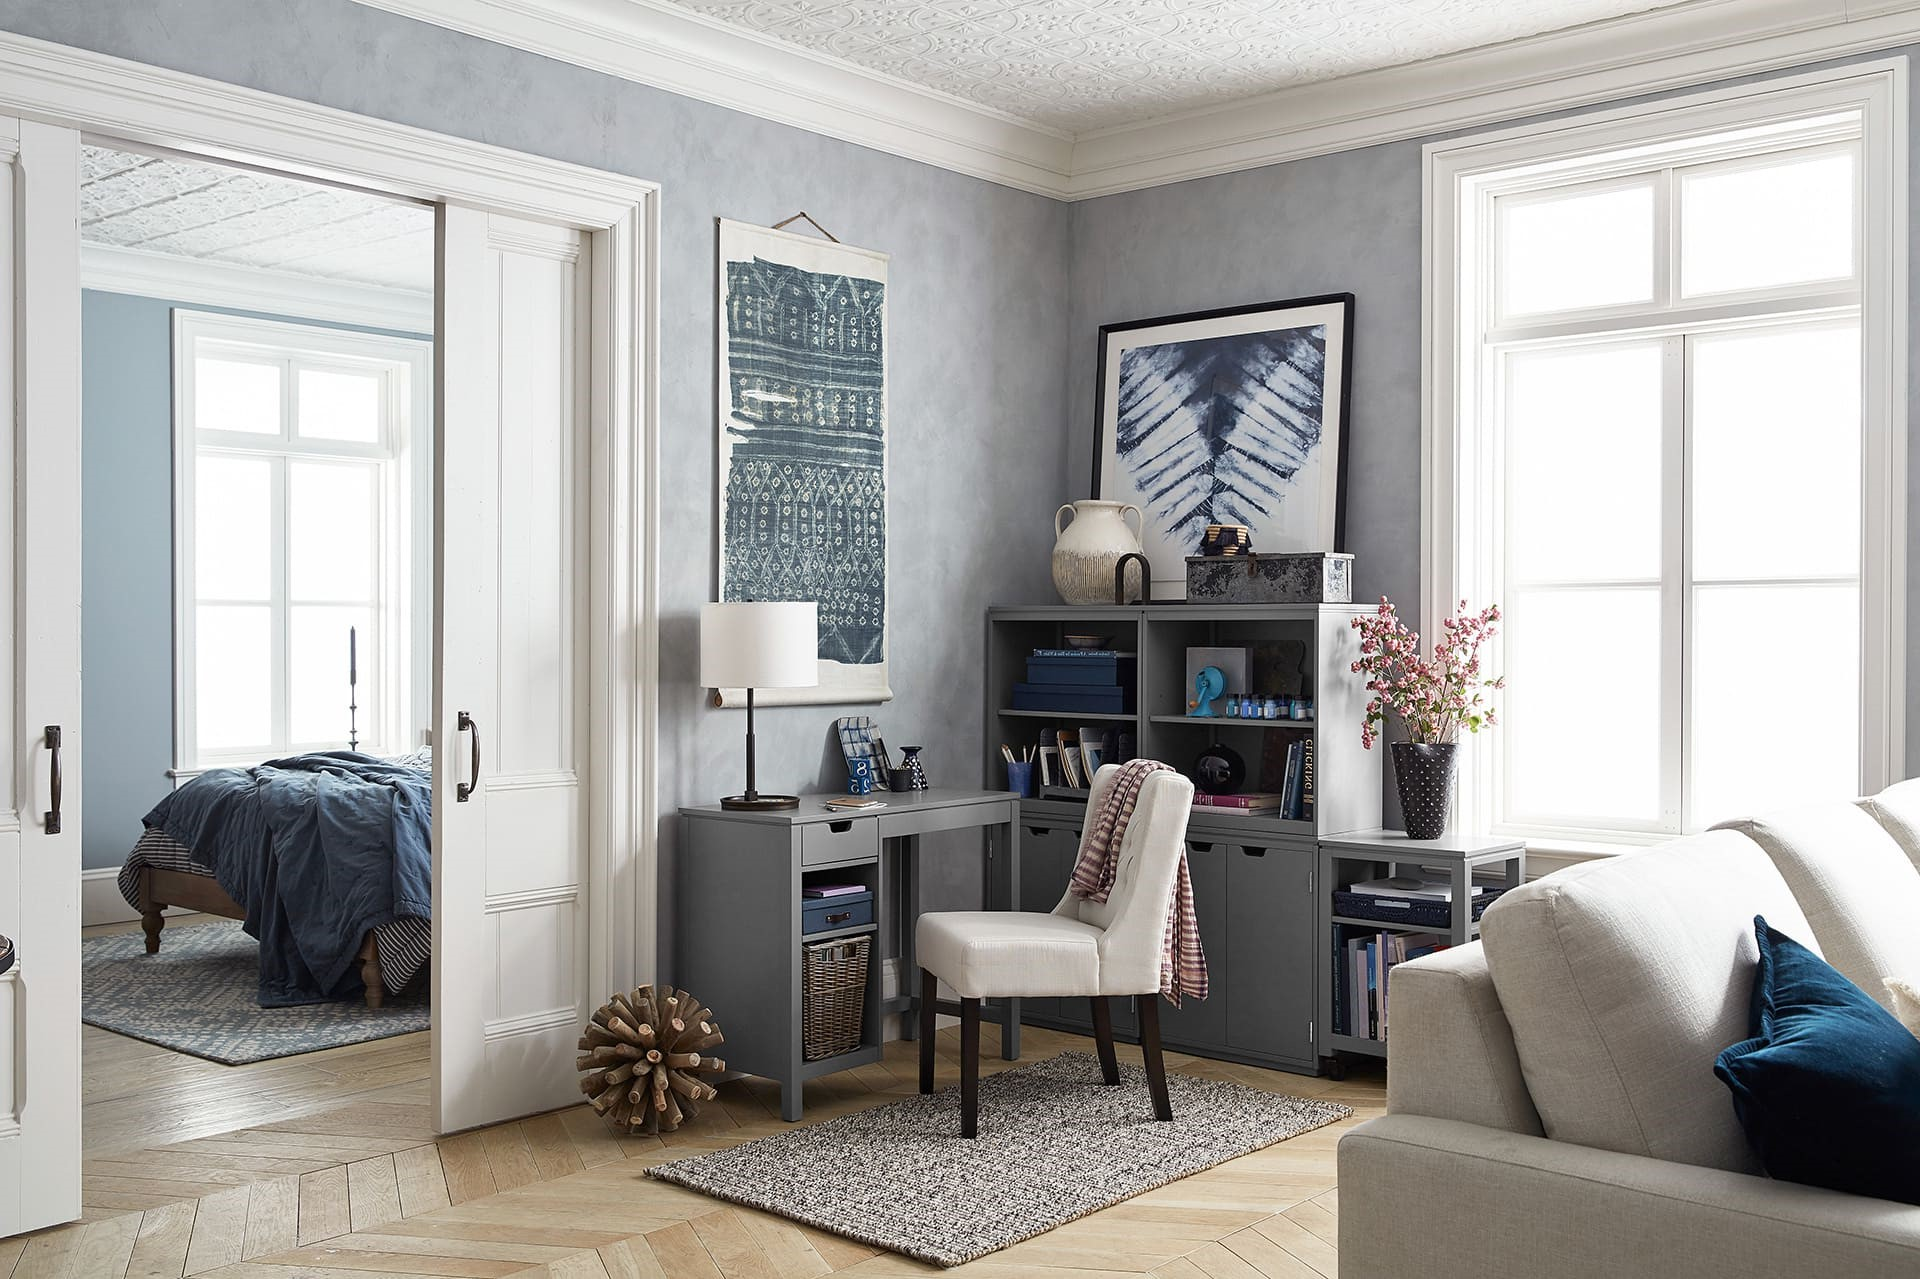 Si vous avez une pièce décloisonnée avec un coin salon éloigné, essayez de placer le bureau derrière votre canapé.